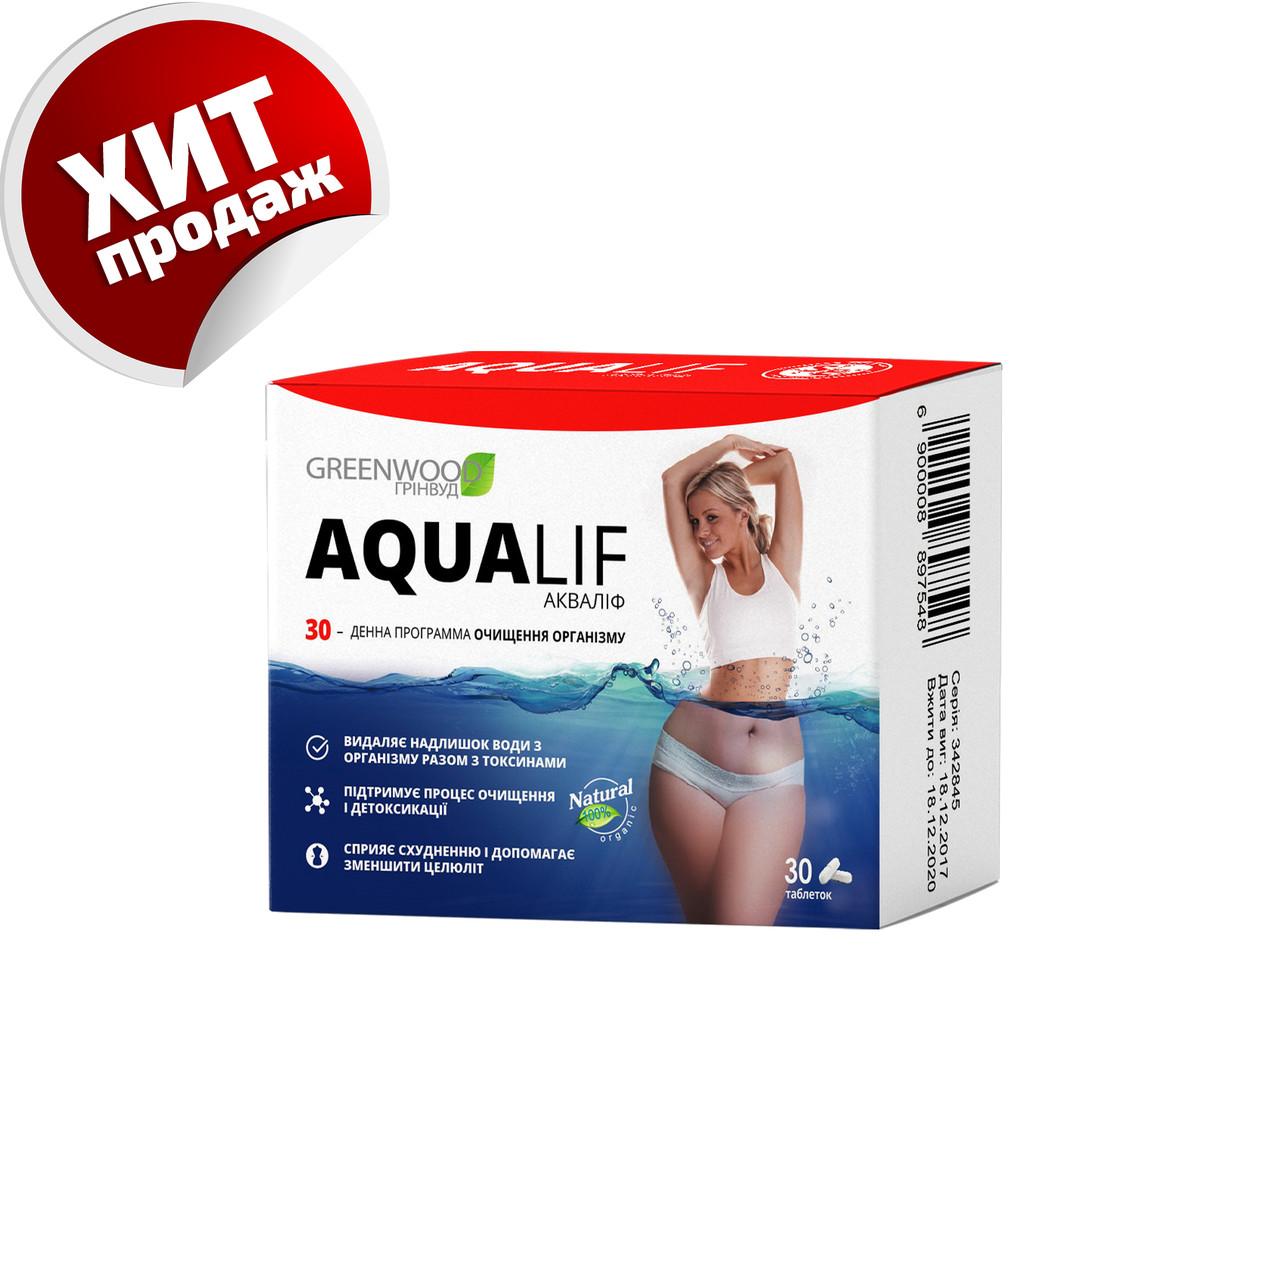 Таблетки АКВАЛИФ №30, для похудения и детокса